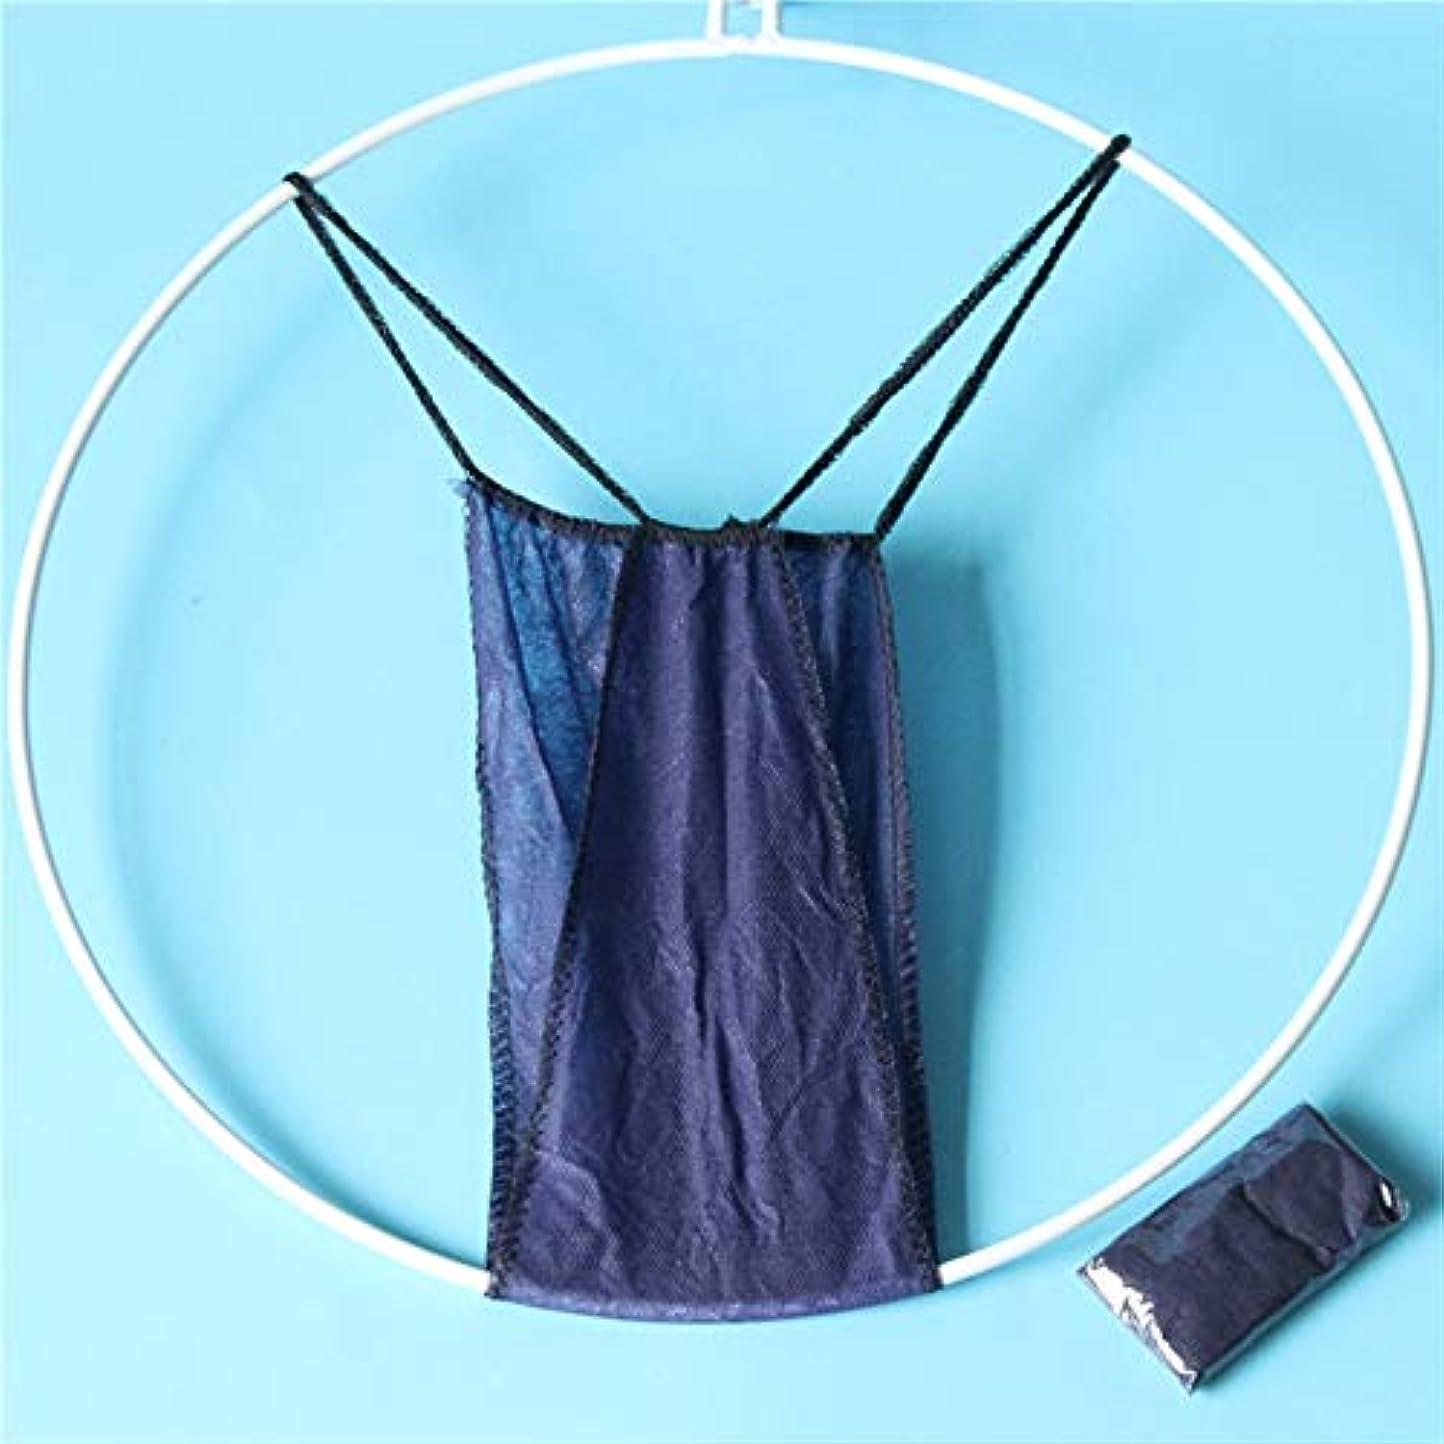 神学校ファイター常識不織布使い捨てひも婦人用下着ブリーフTパンツ美容サウナ - 青